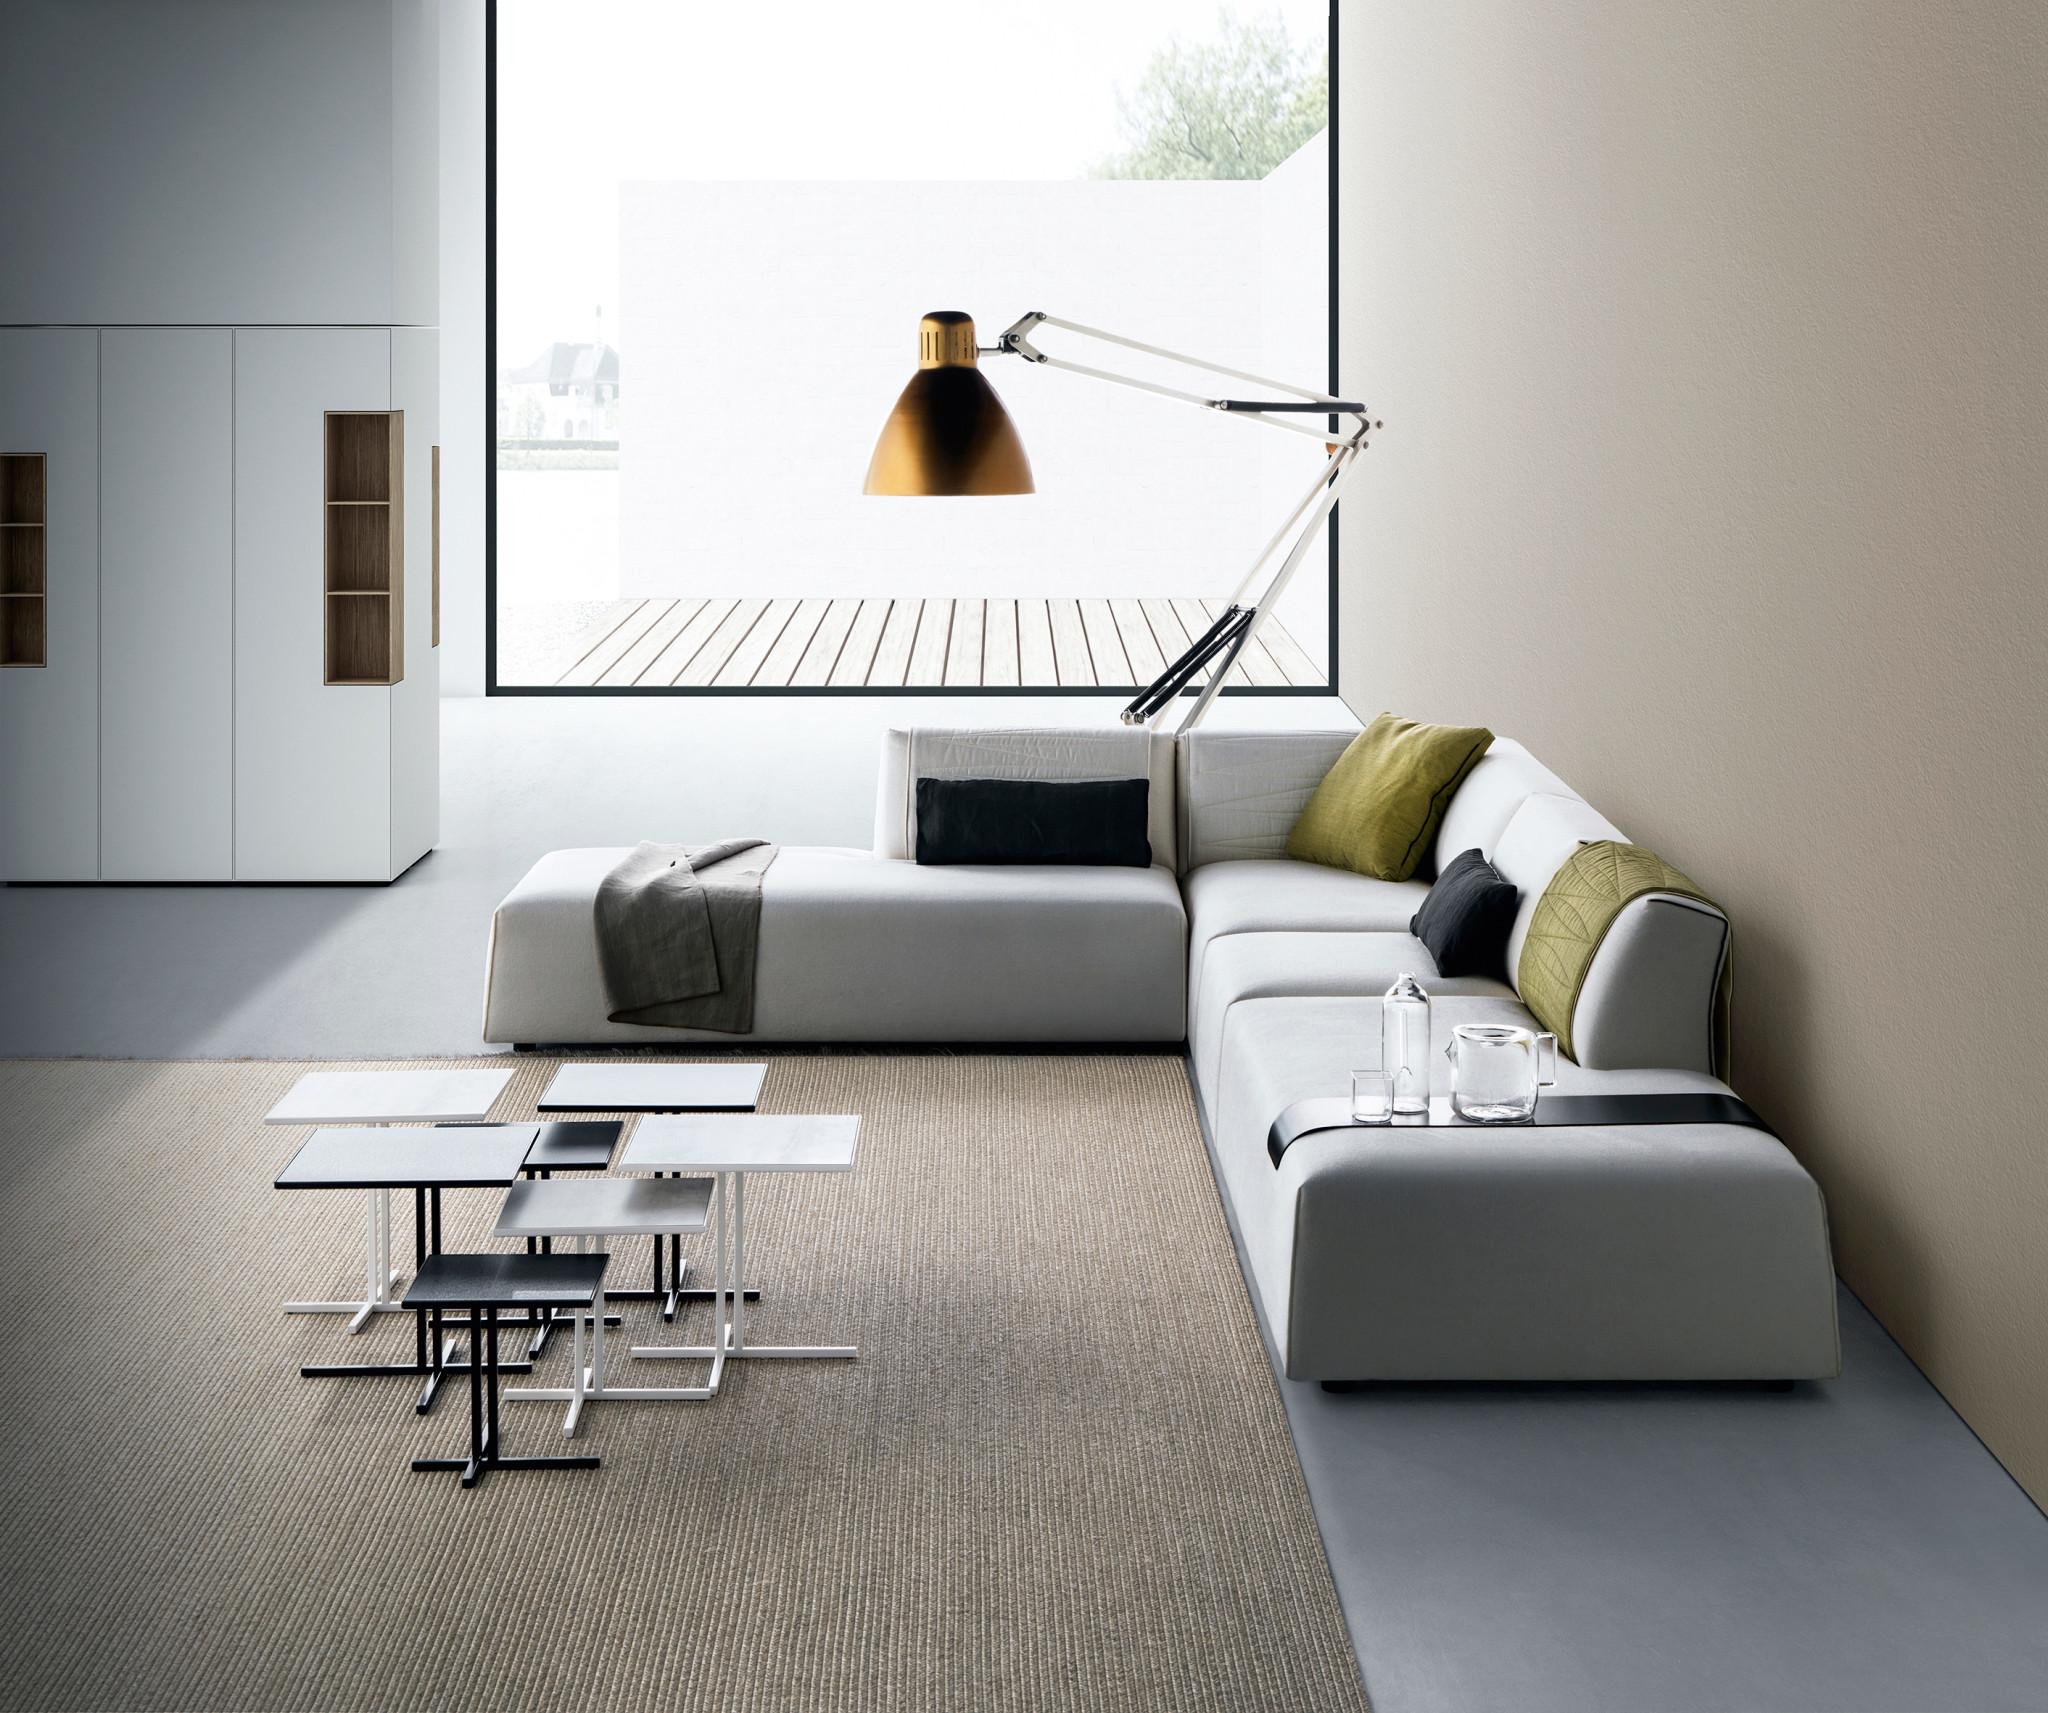 Guida al divano perfetto: comodo, bello e pratico | ARTHECO